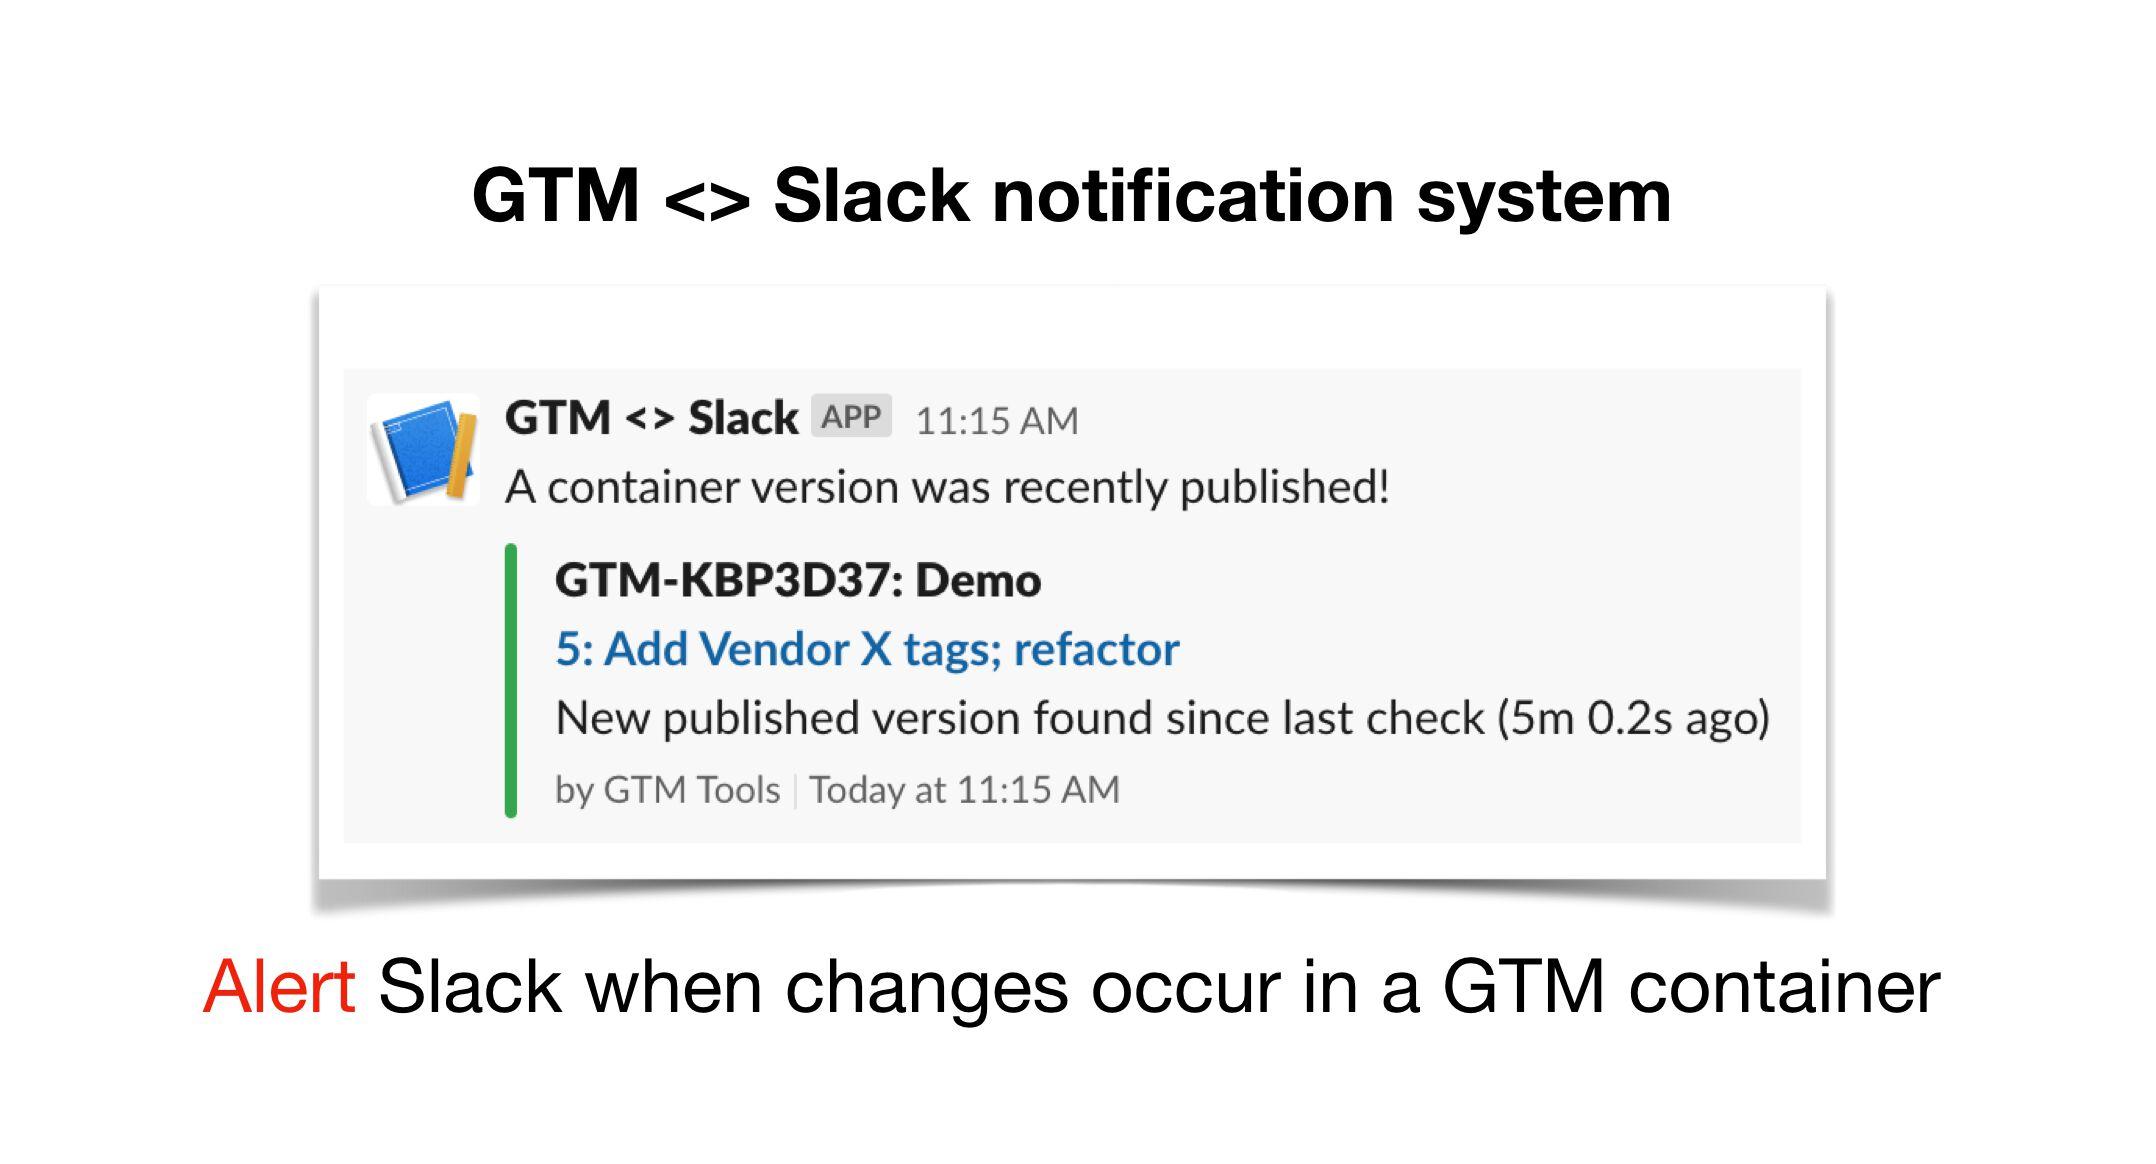 Image de d'implantation de code GTM dans slack